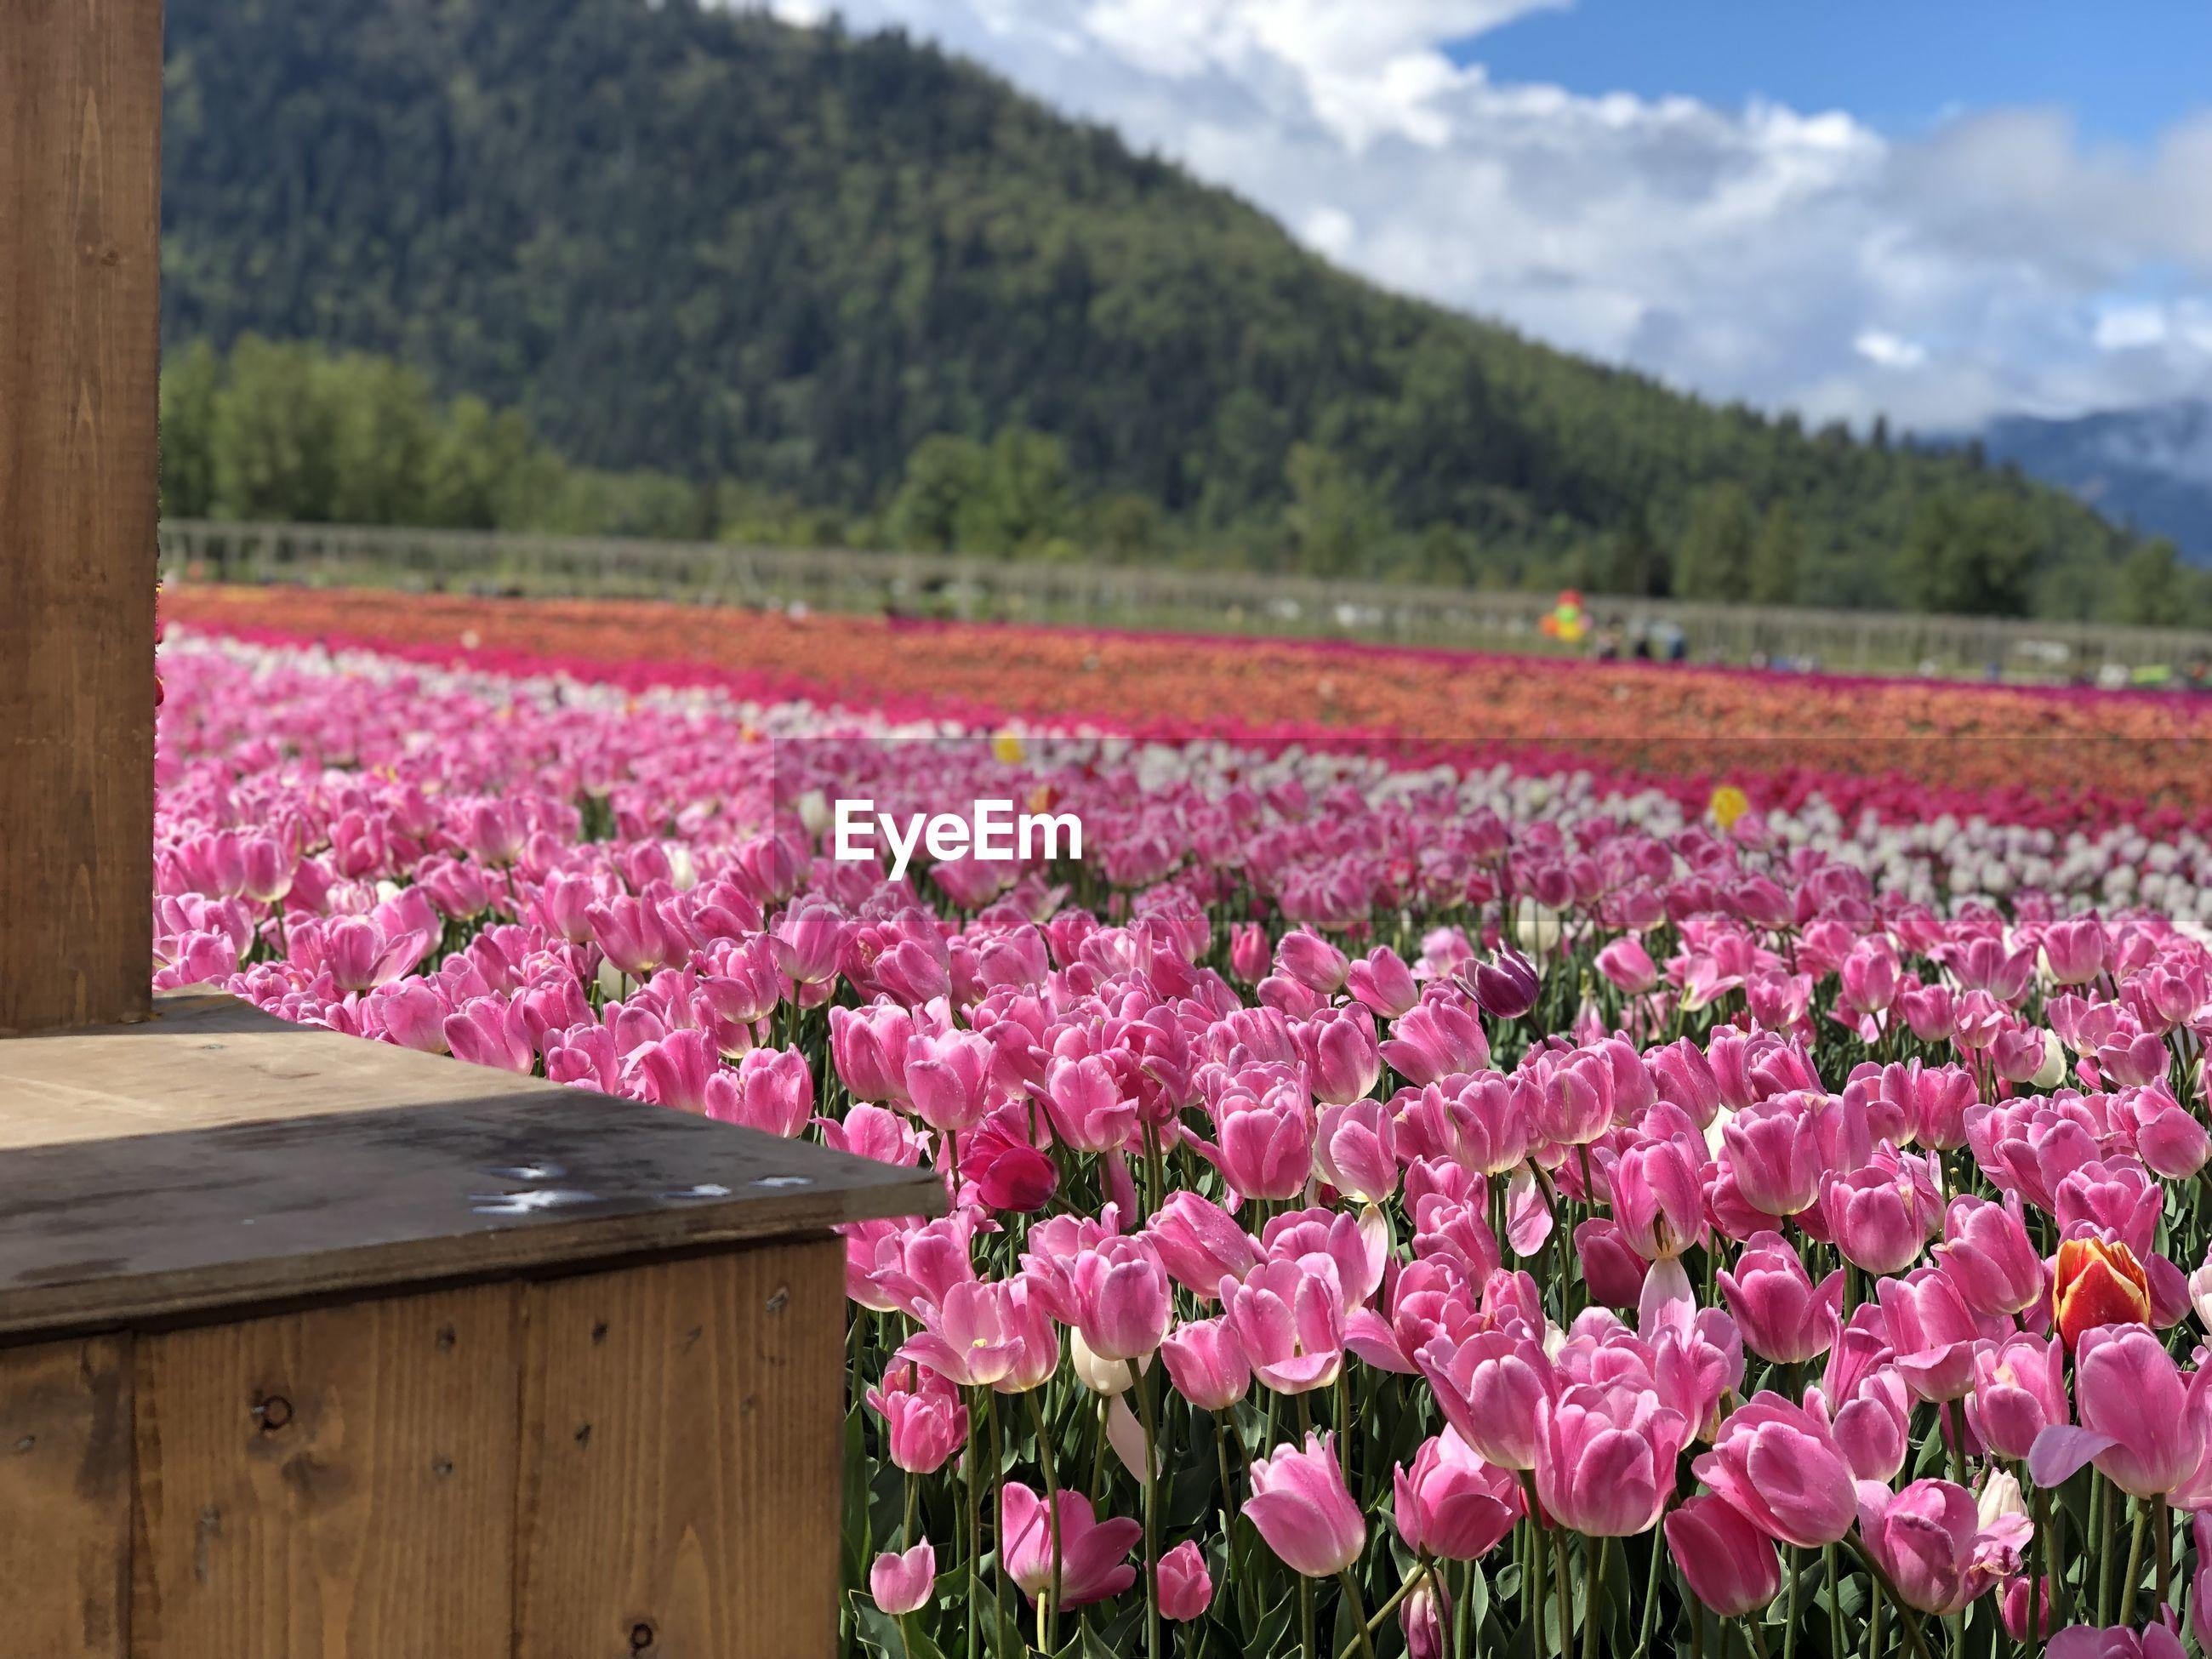 PINK FLOWERING PLANTS GROWING ON FIELD